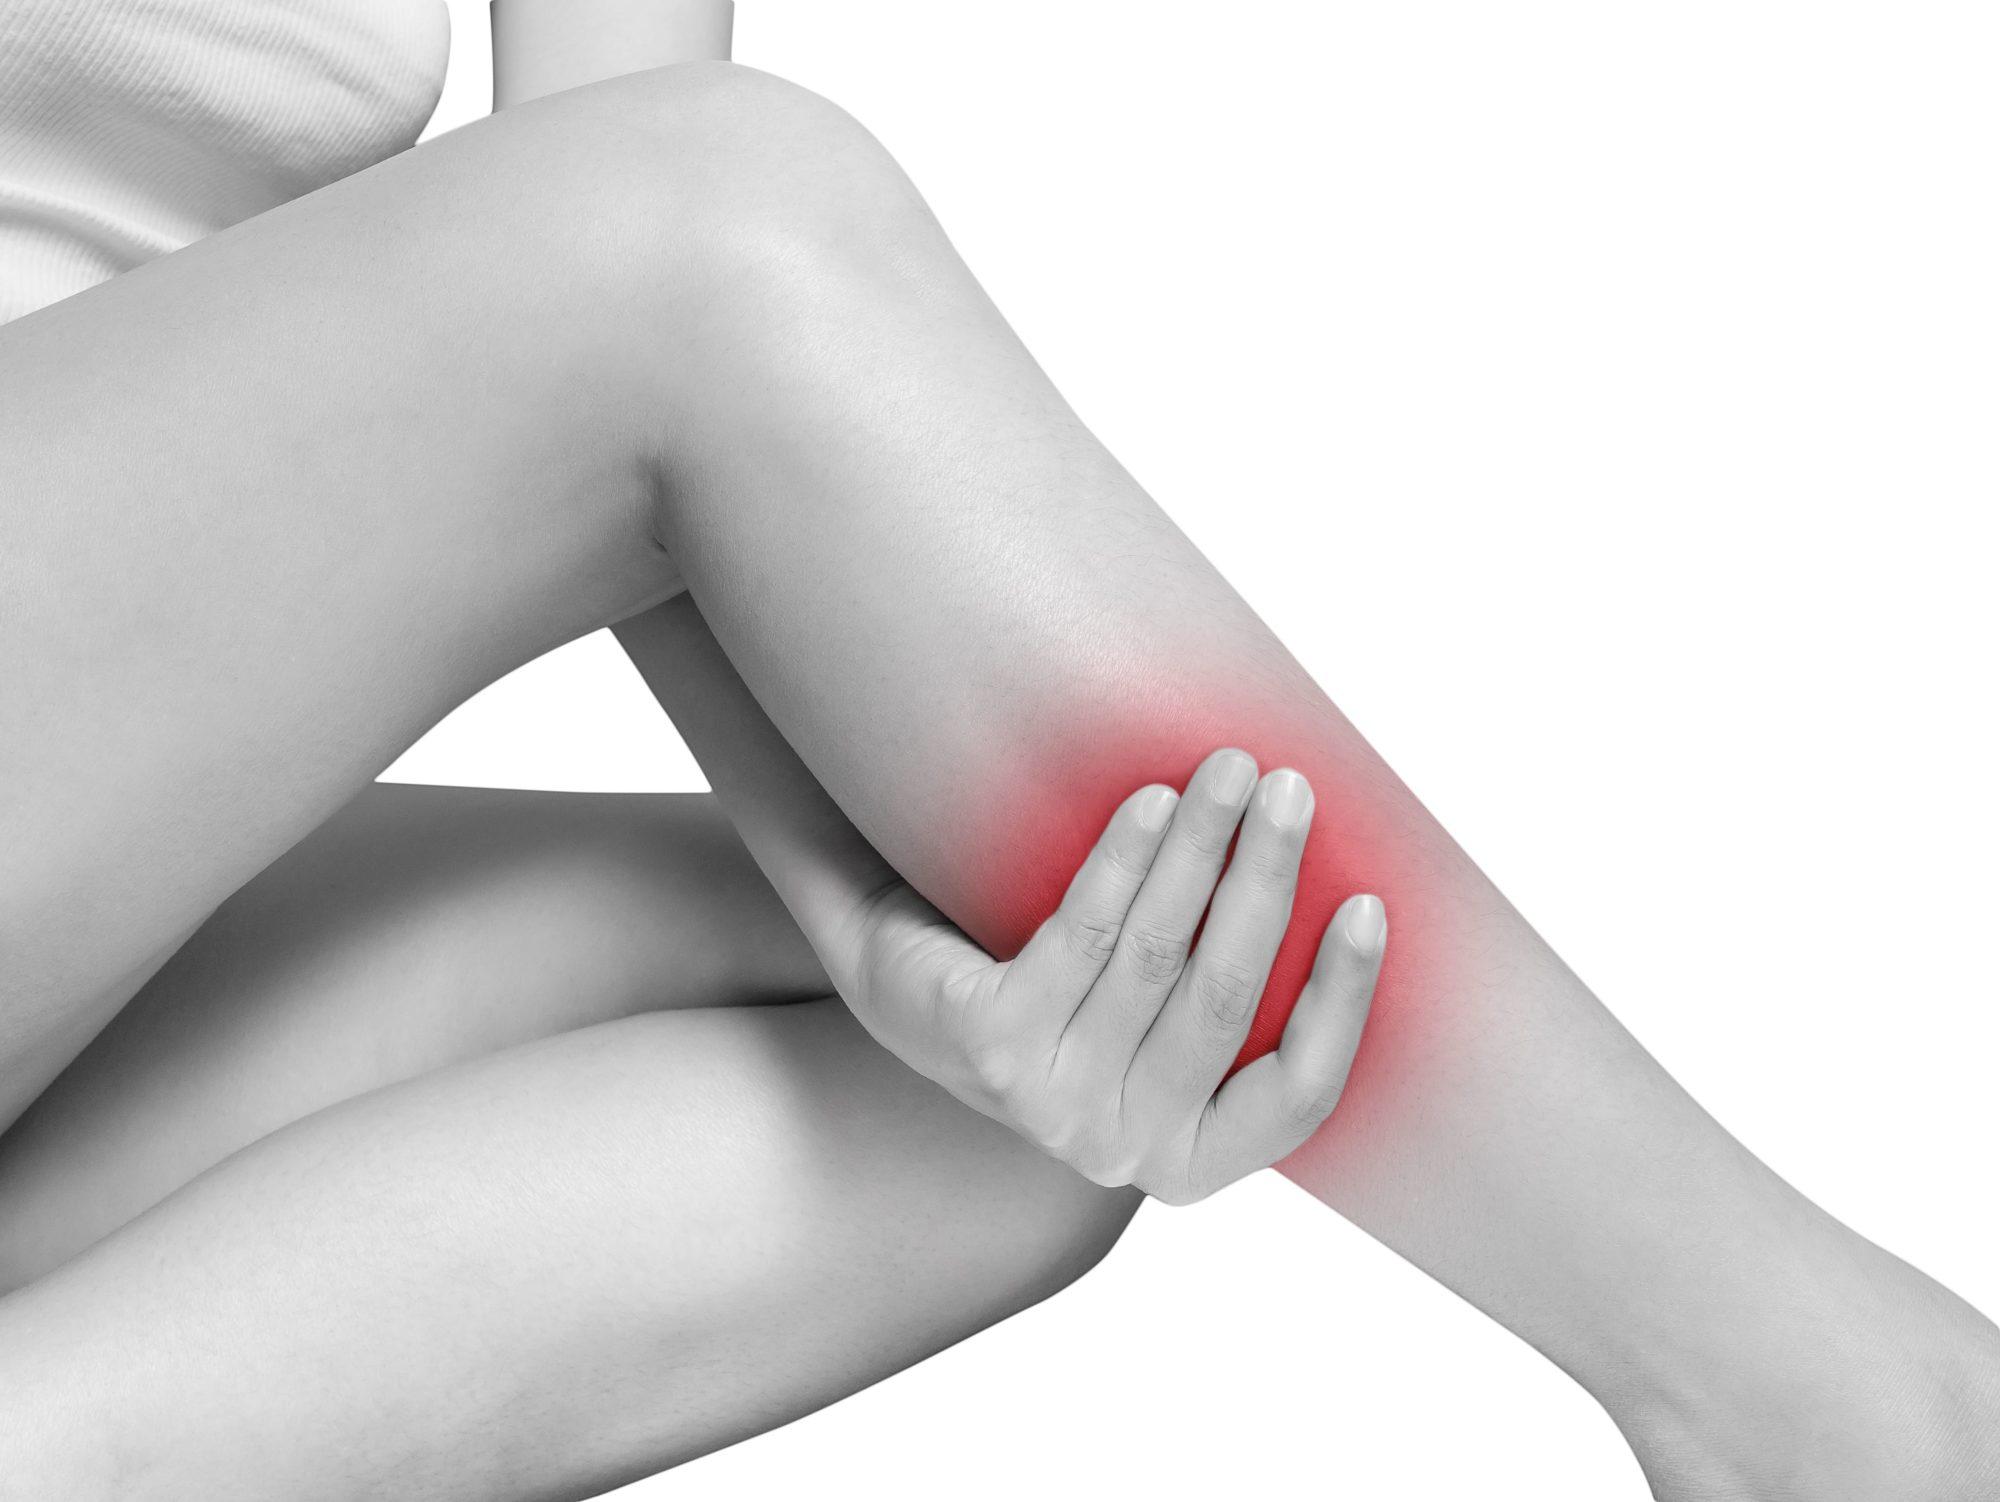 blessures en klachten_spierklachten en peesklachten_smcp